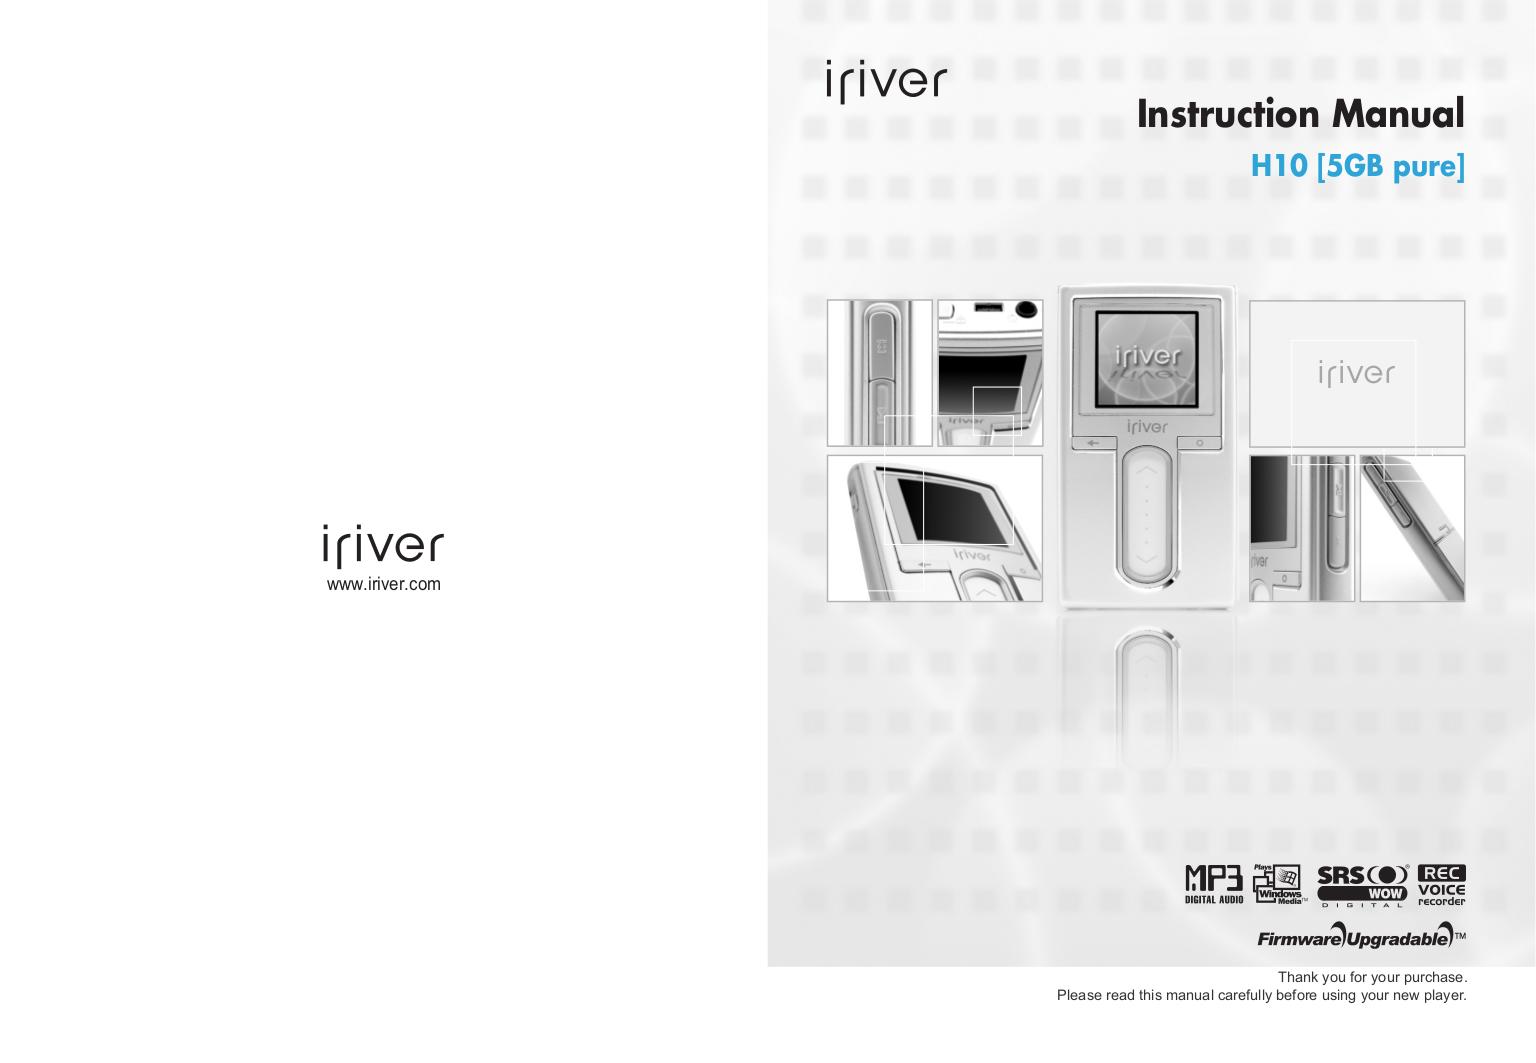 iriver h10 5gb manual open source user manual u2022 rh dramatic varieties com iRiver H10 20GB Digital Jukebox